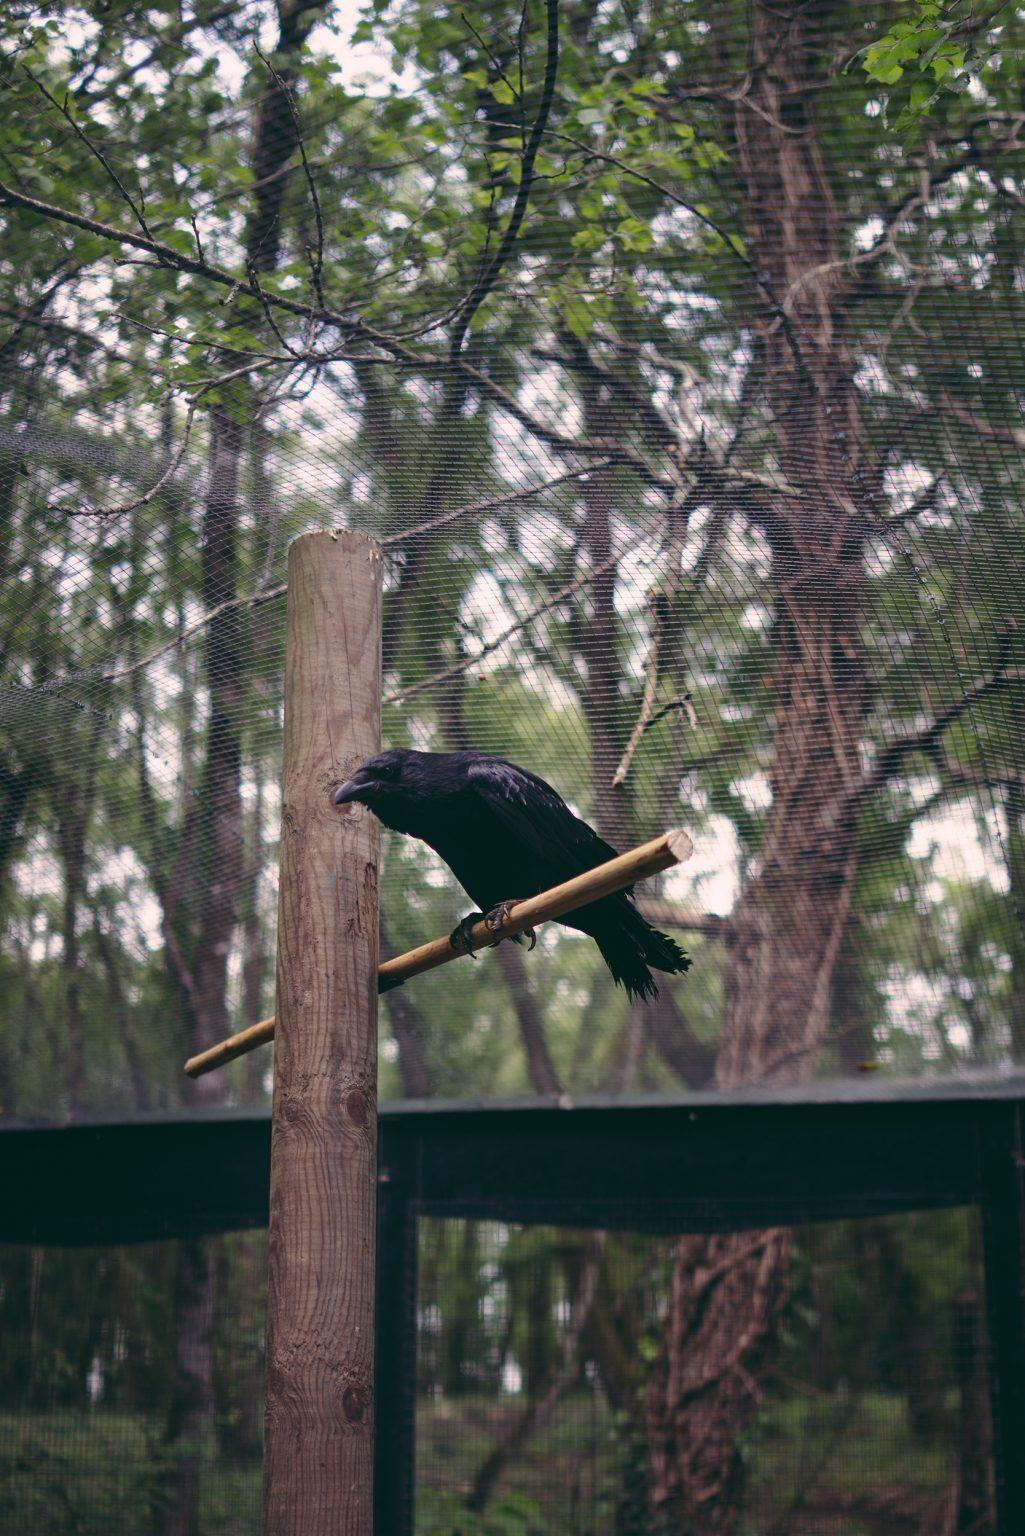 """Valdivienne, France, May 2019 - The crow Bayo has a strong individuality, when he walks on the ground he looks like a naughty little boy with his hands in his pockets, when he is tired and wants to go home he opens the carrier door by himself by kicking it with his paw. Bayo smells different from other birds, he smells of earth and ink. His name comes from the french way of saying """"Bayer aux corneilles"""", or yawning at the crows, standing needlessly open-mouthed looking at the sky. >< Valdivienne, Francia, maggio 2019 - La cornacchia Bayo ha una forte individualità, quando cammina a terra sembra un ragazzino irriverente con le mani in tasca, quando è stanco e vuole tornare a casa apre la porta del trasportino da solo dandogli un calcio con la zampa. Bayo ha un odore diverso dagli altri uccelli, odora di terra e di inchiostro. Il suo nome deriva dal modo francese di dire """"Bayer aux corneilles"""", ovvero sbadigliare alle cornacchie, stare inutilmente a bocca aperta a guardare il cielo.*** SPECIAL   FEE   APPLIES *** *** Local Caption *** 01489350"""